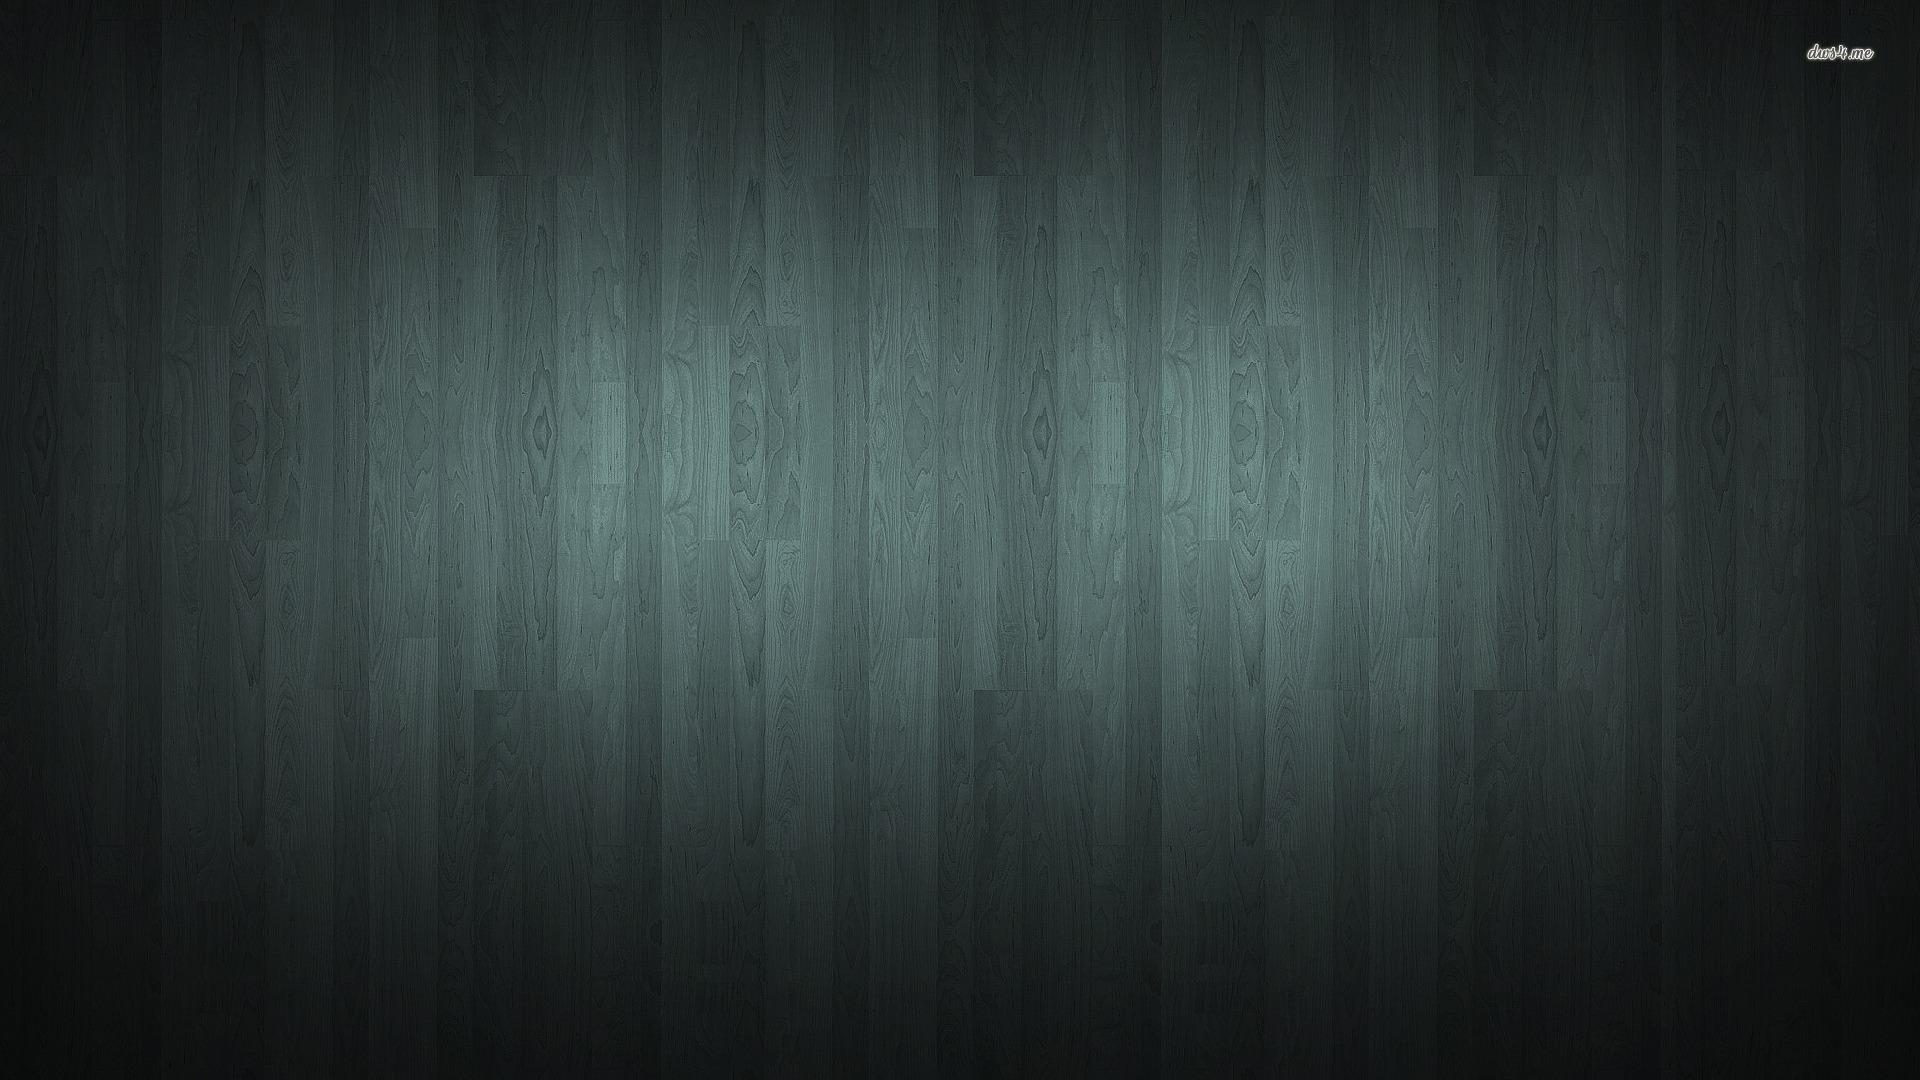 Hardwood Floor wallpaper Abstract wallpapers 3290 1920x1080